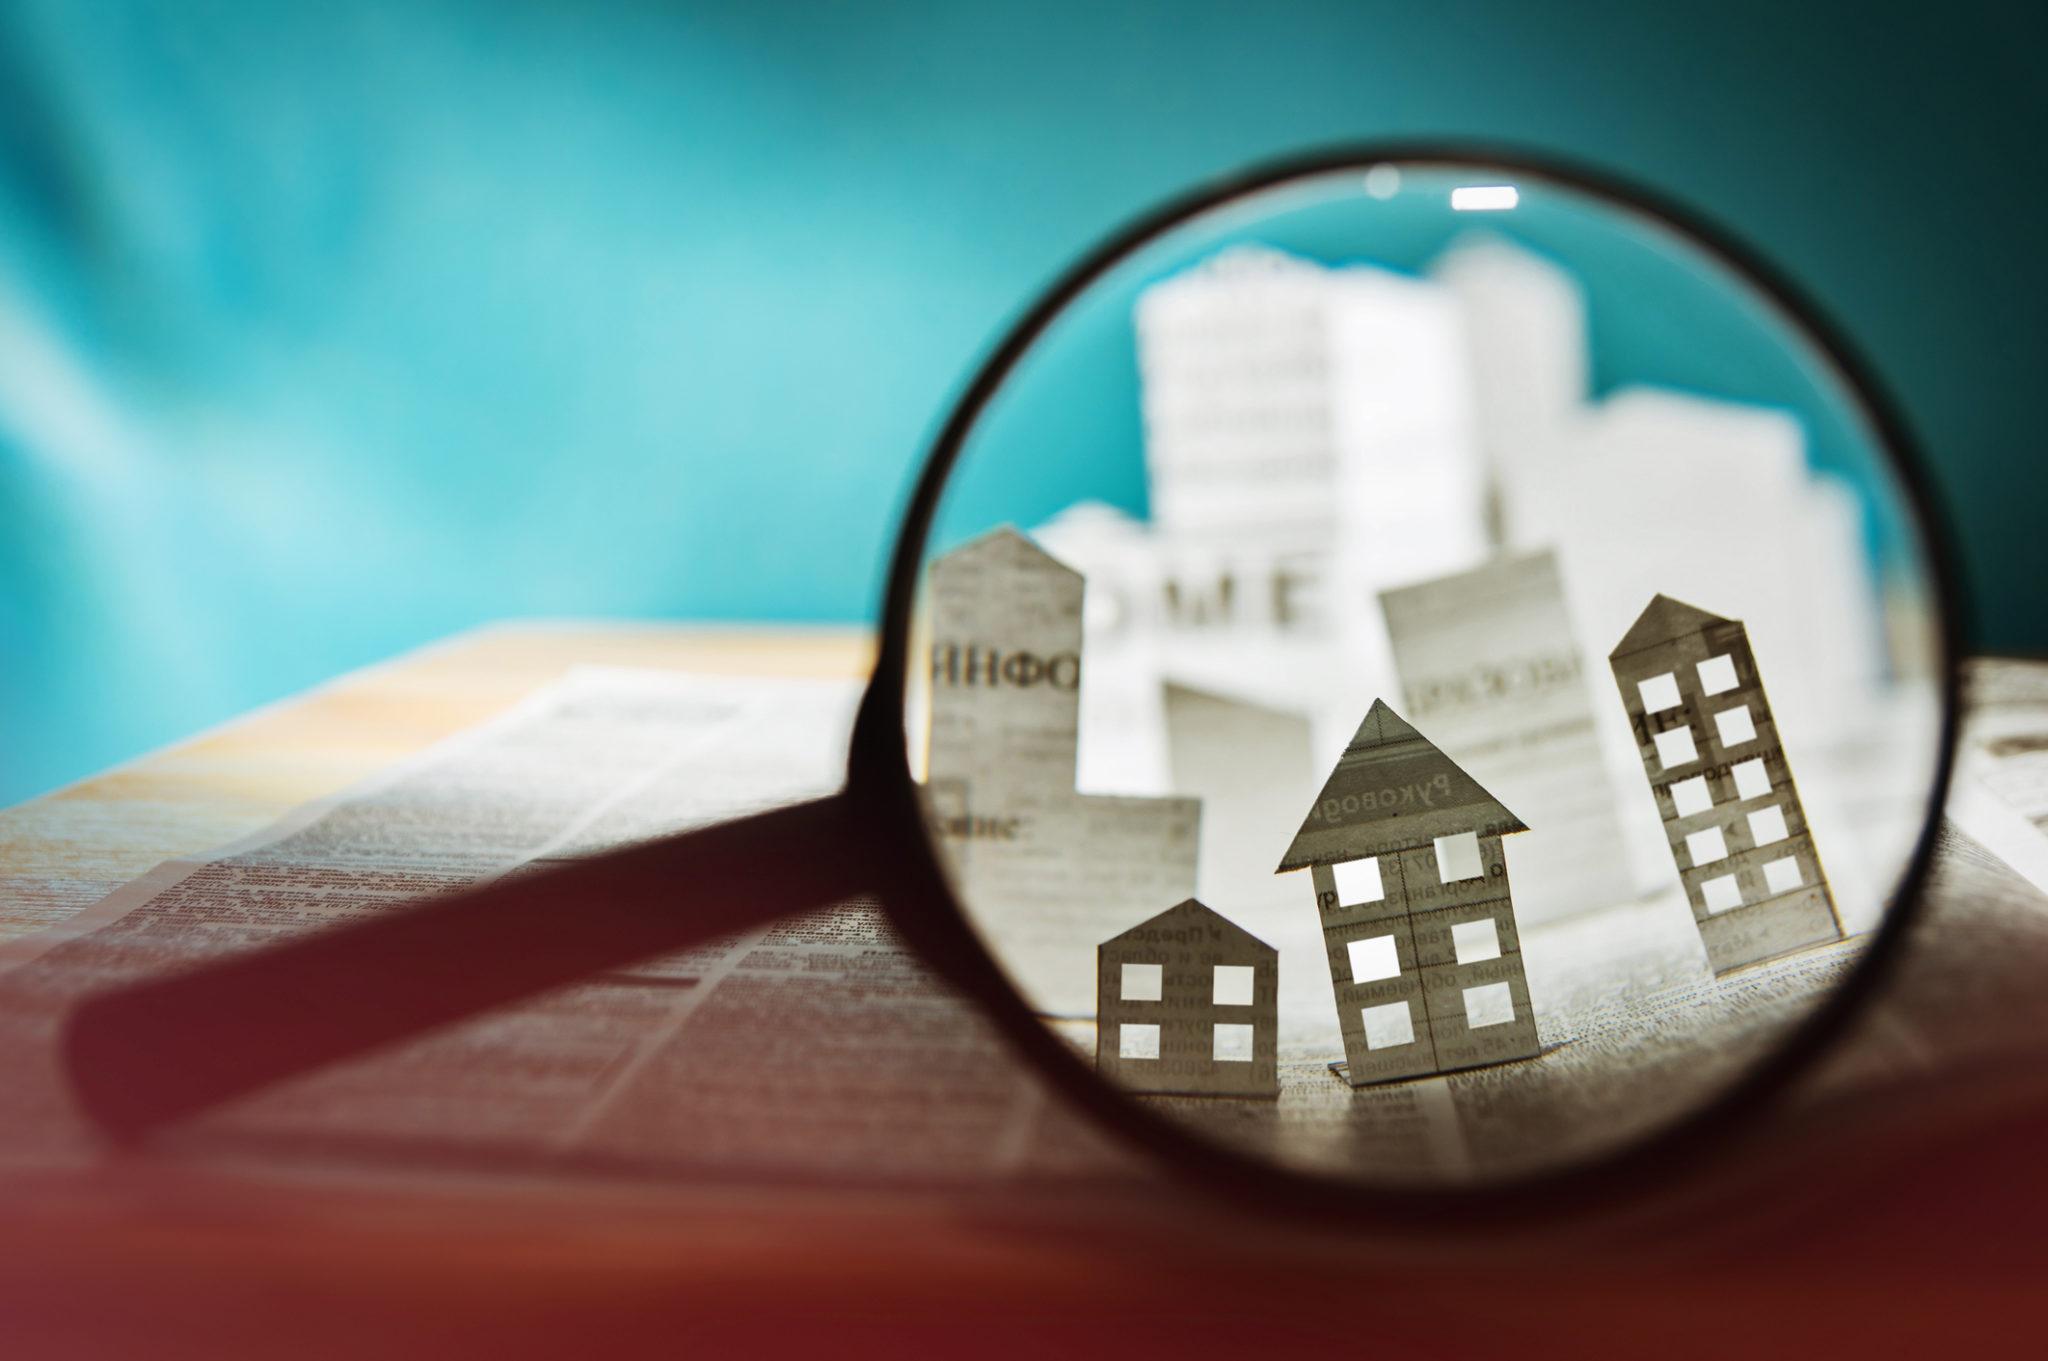 Immobilier : Un excellent choix la rente immobilière ?